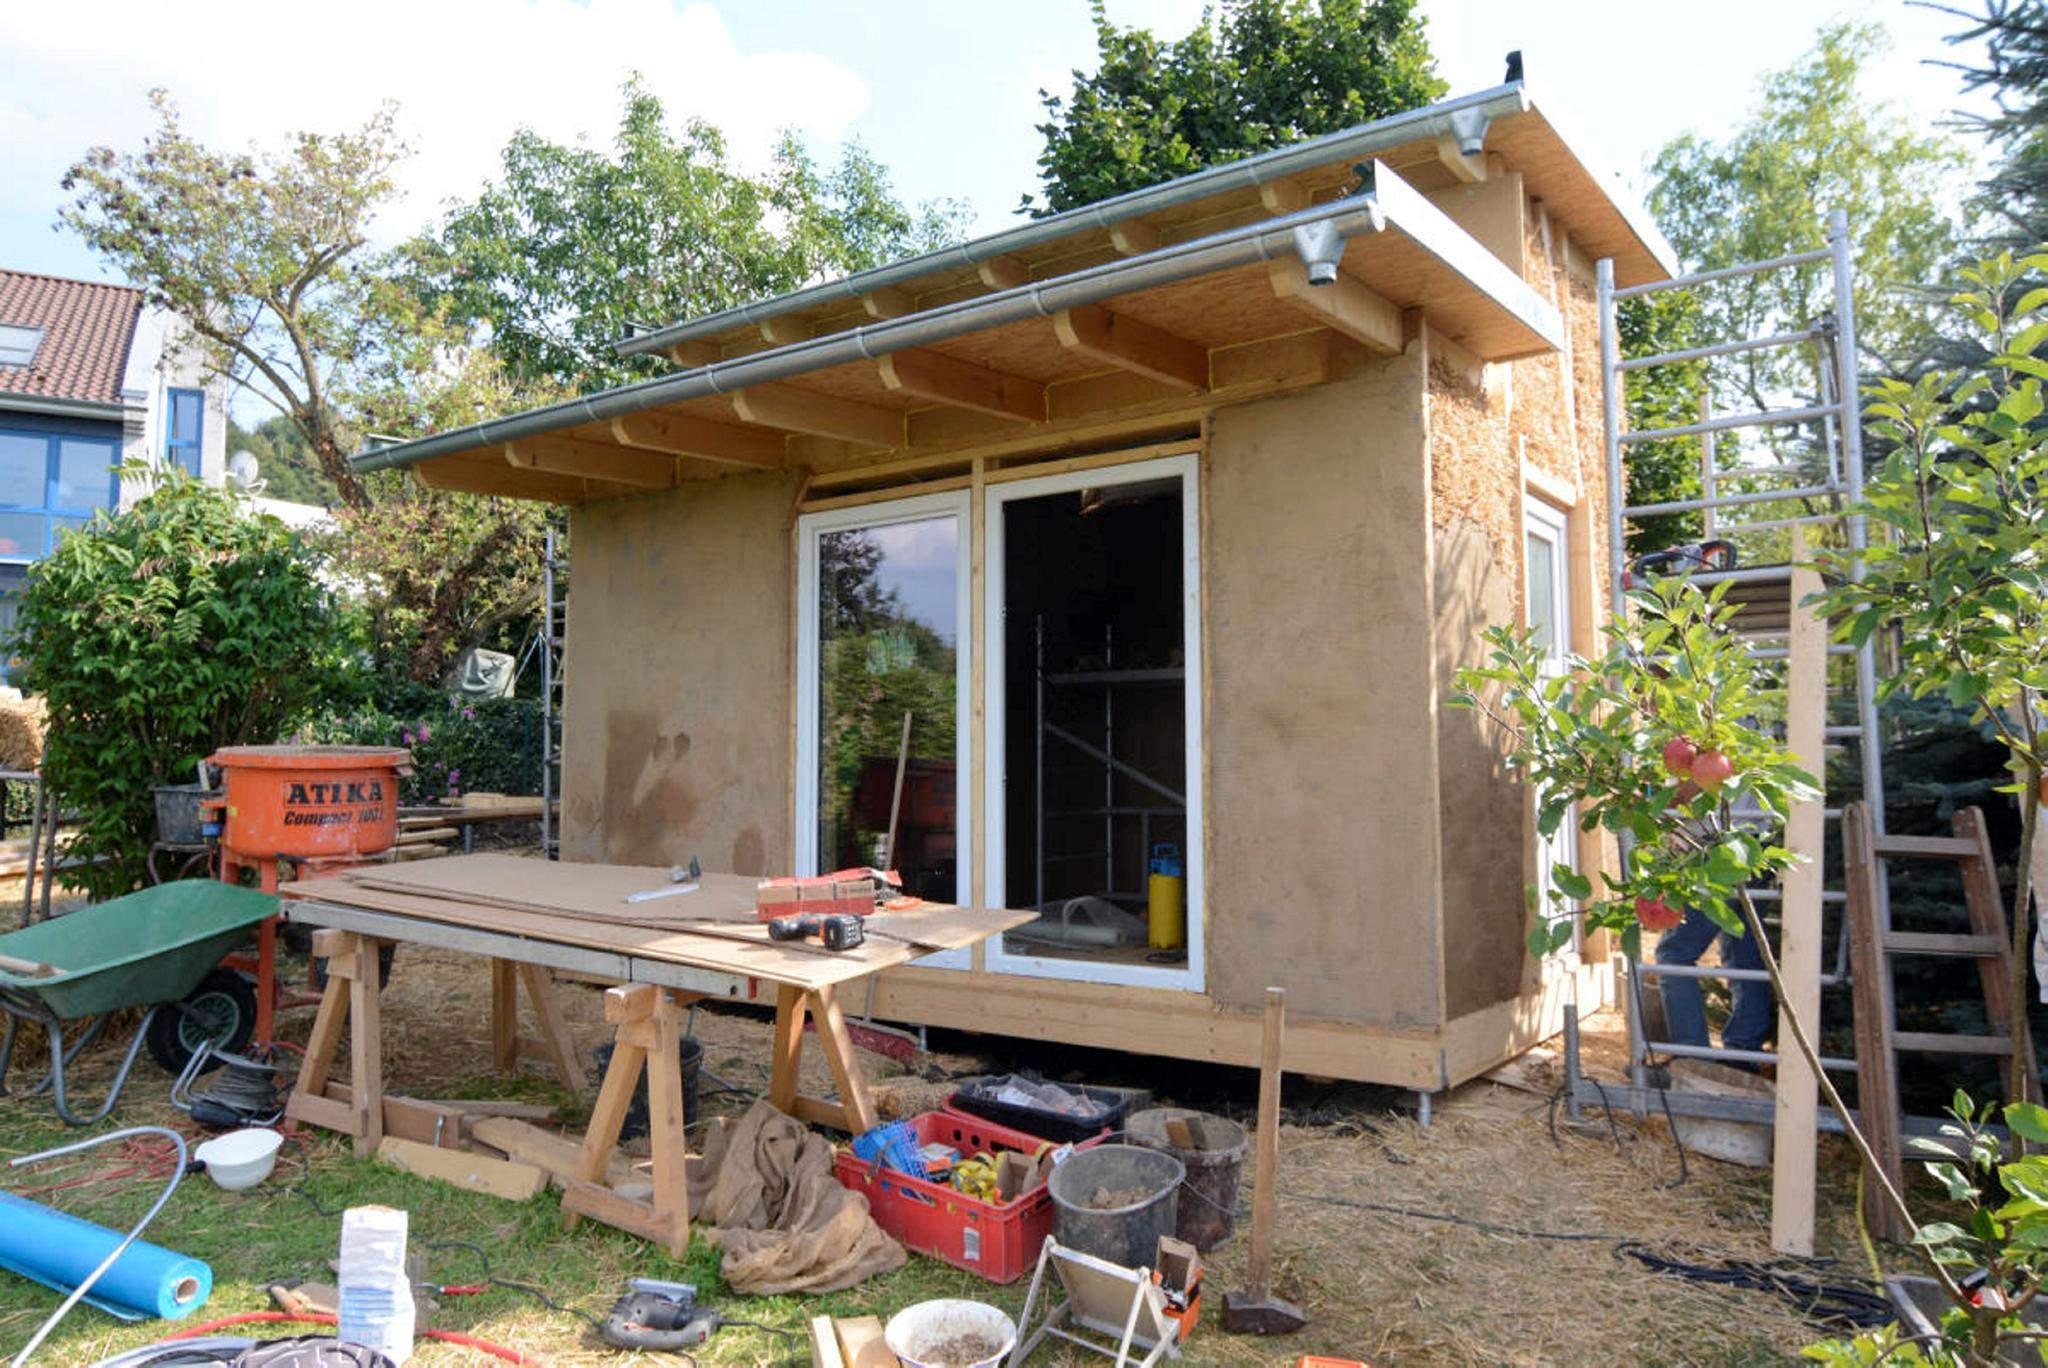 Hessen gartenhaus gartenhaus in einem garten am zaun with - Gartenhaus baugenehmigung hessen ...